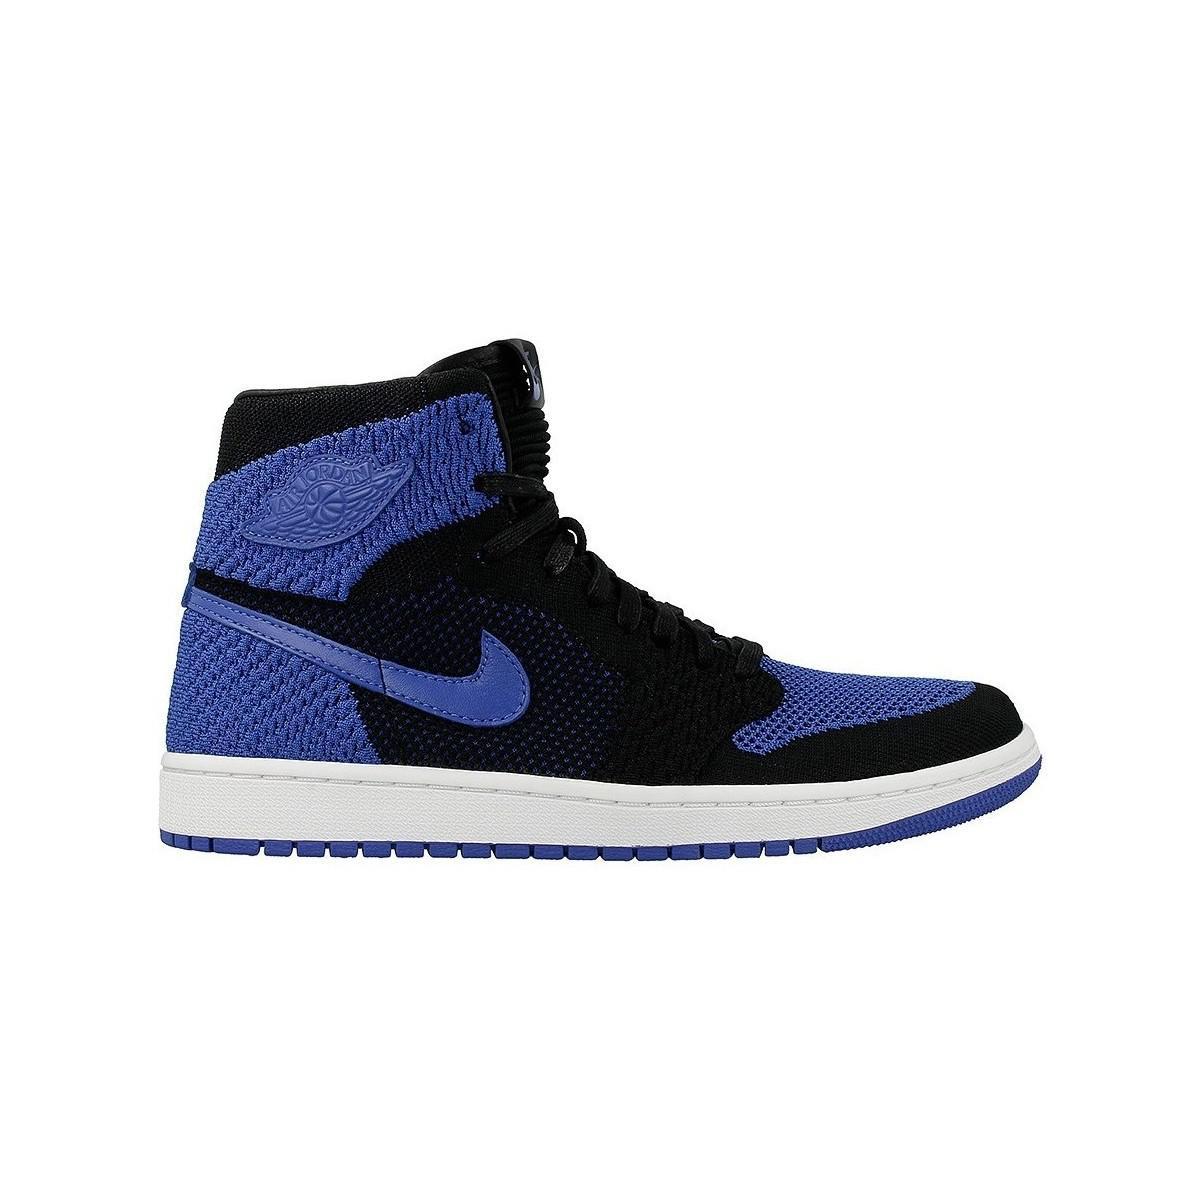 Nike Air Jordan 1 Retro Hi Fl Men's Shoes (high-top Trainers) In Black for Men